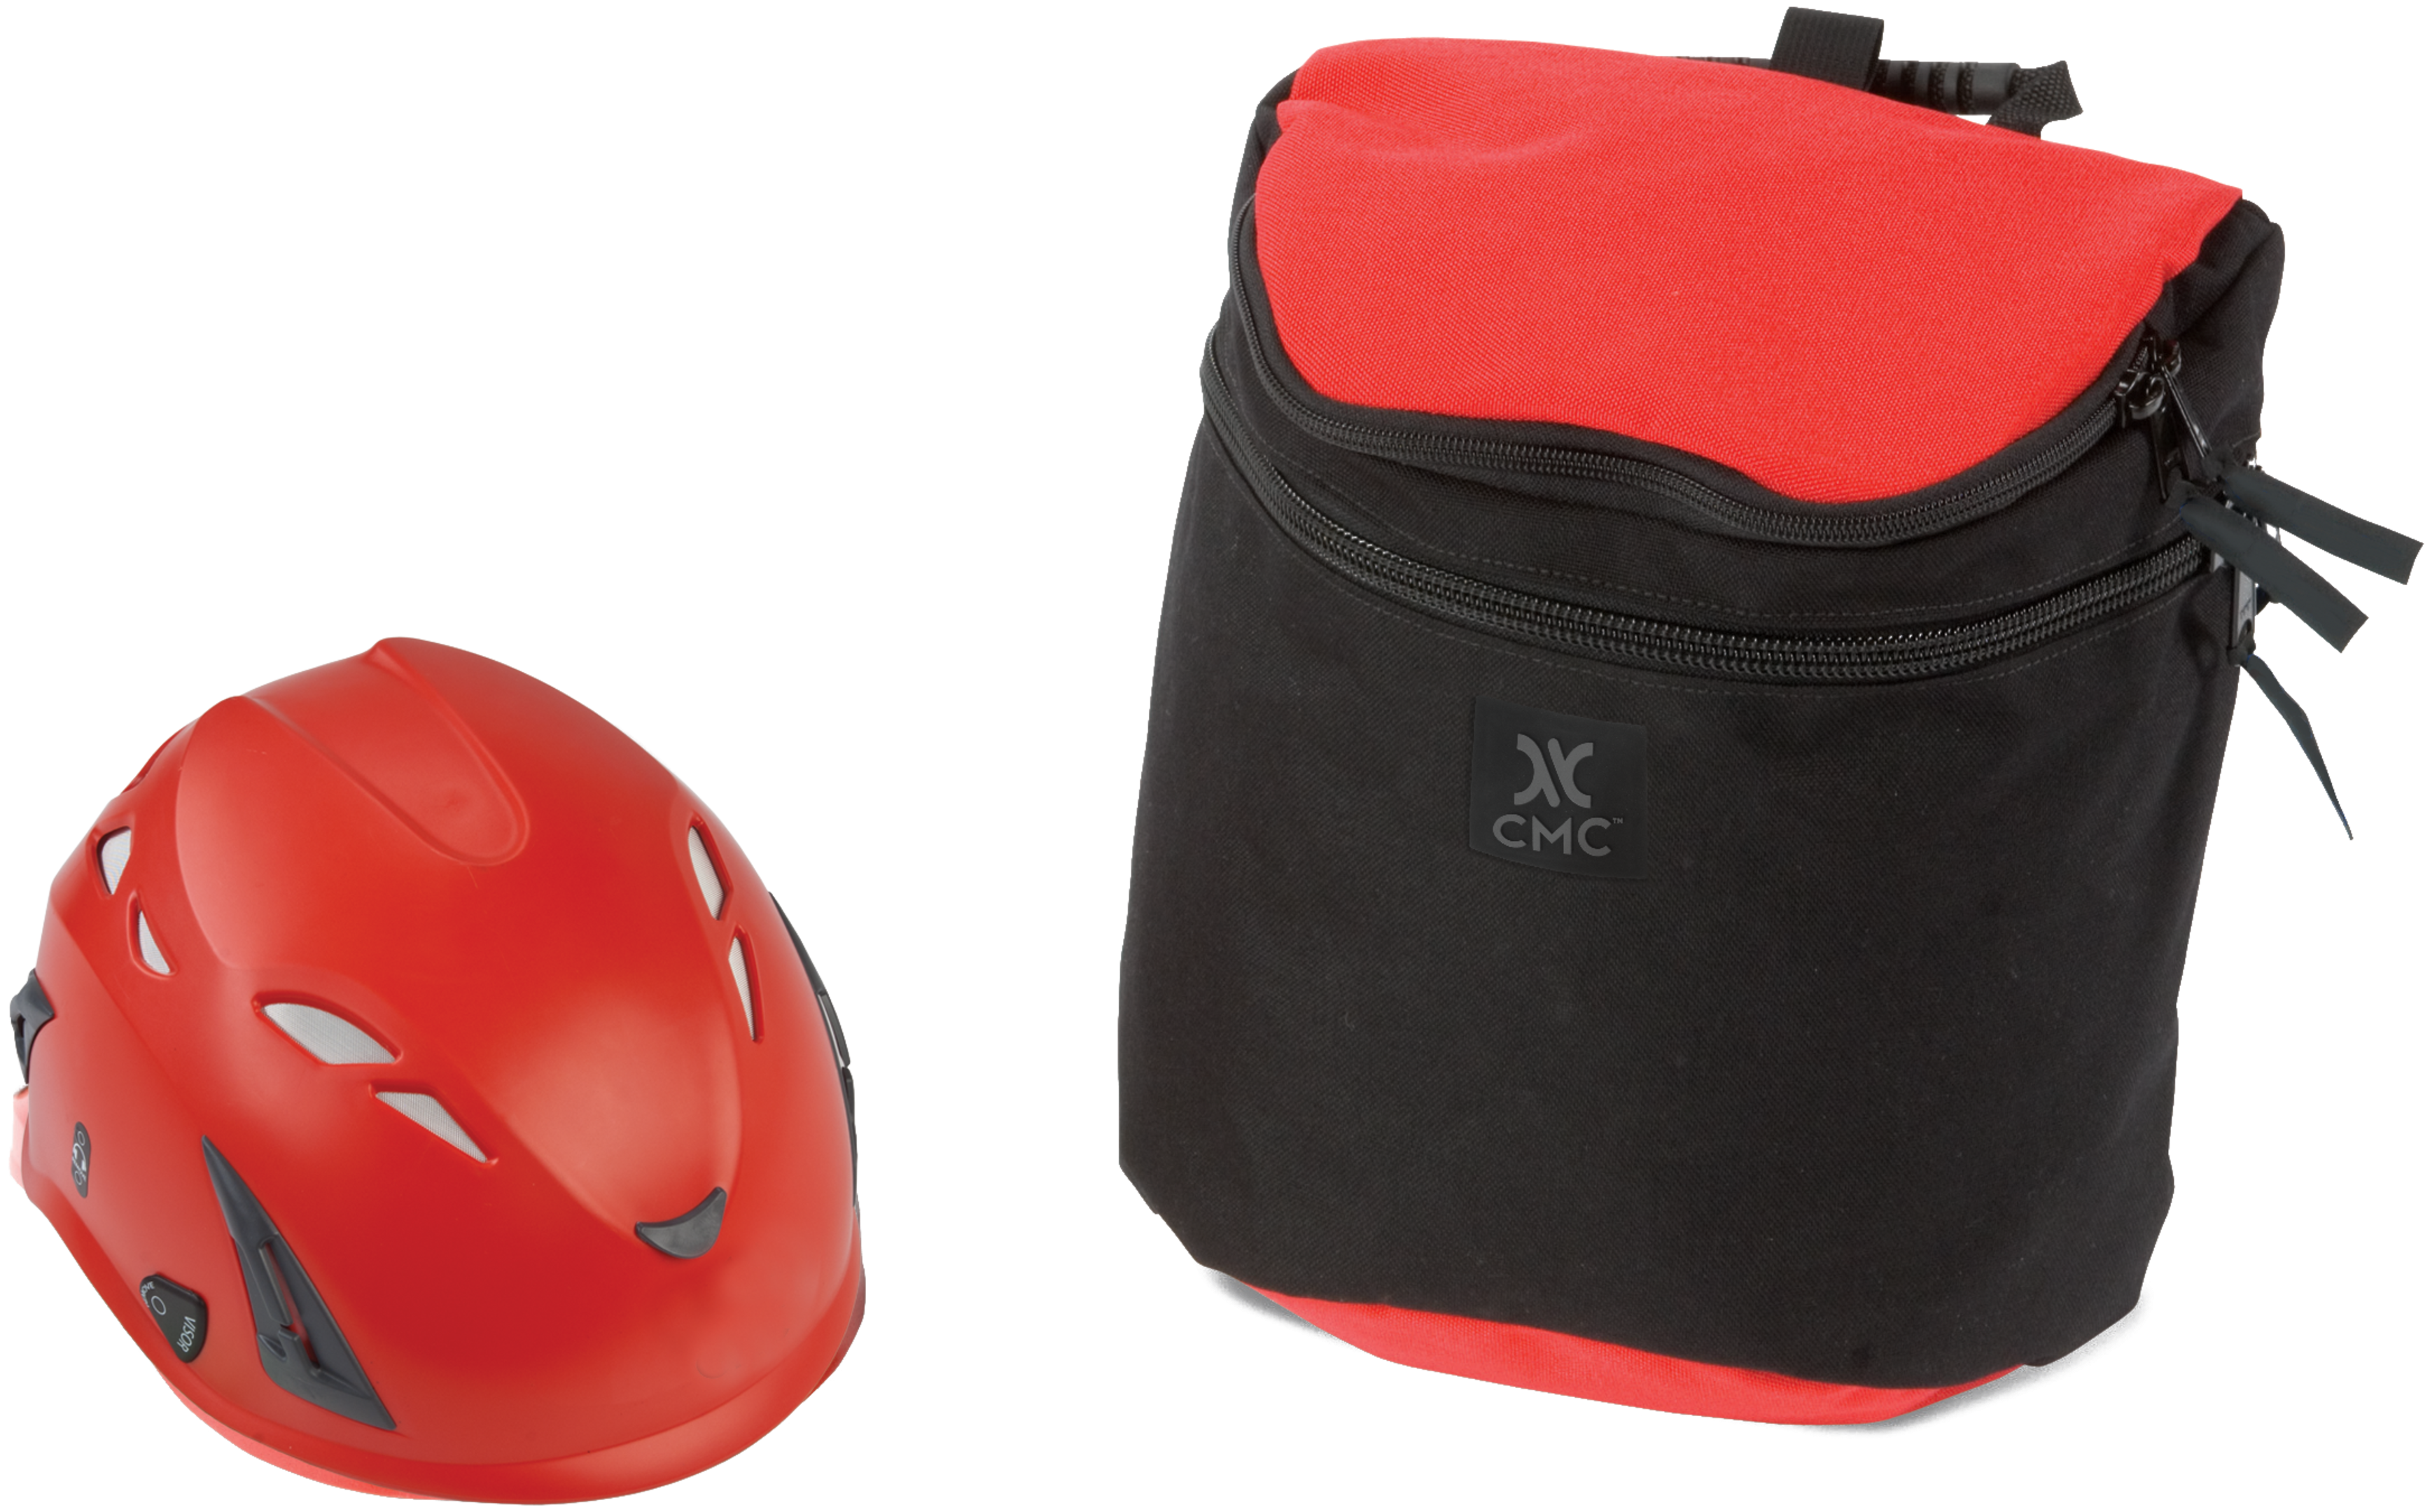 Helmet Bag Hard Hat Clipart Full Size Clipart 3358597